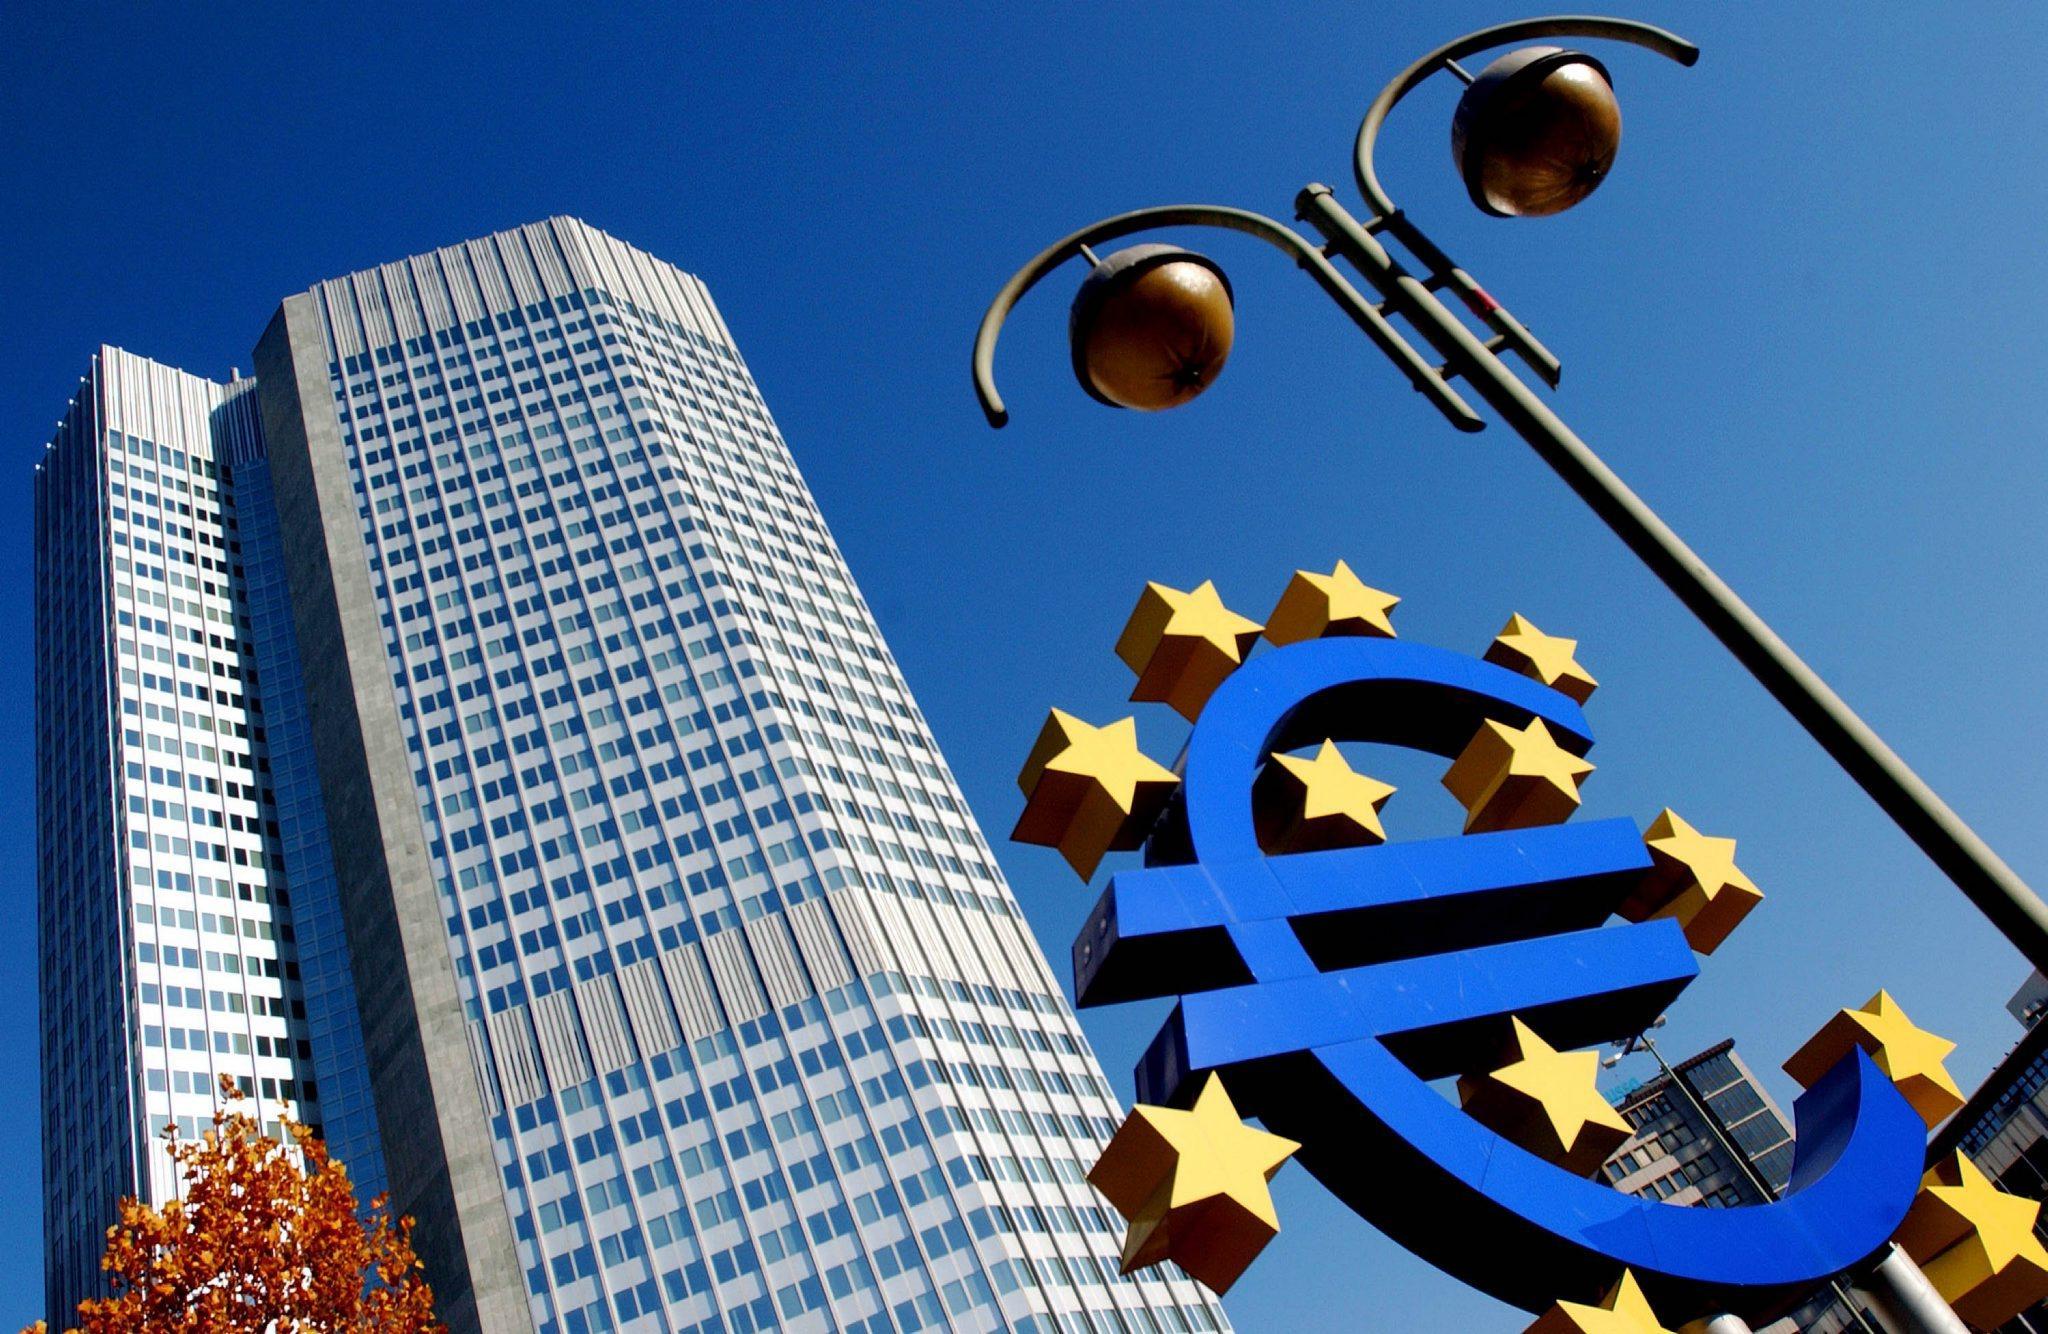 Inflazione Eurozona ancora in calo. Verso nuovo taglio tassi BCE?